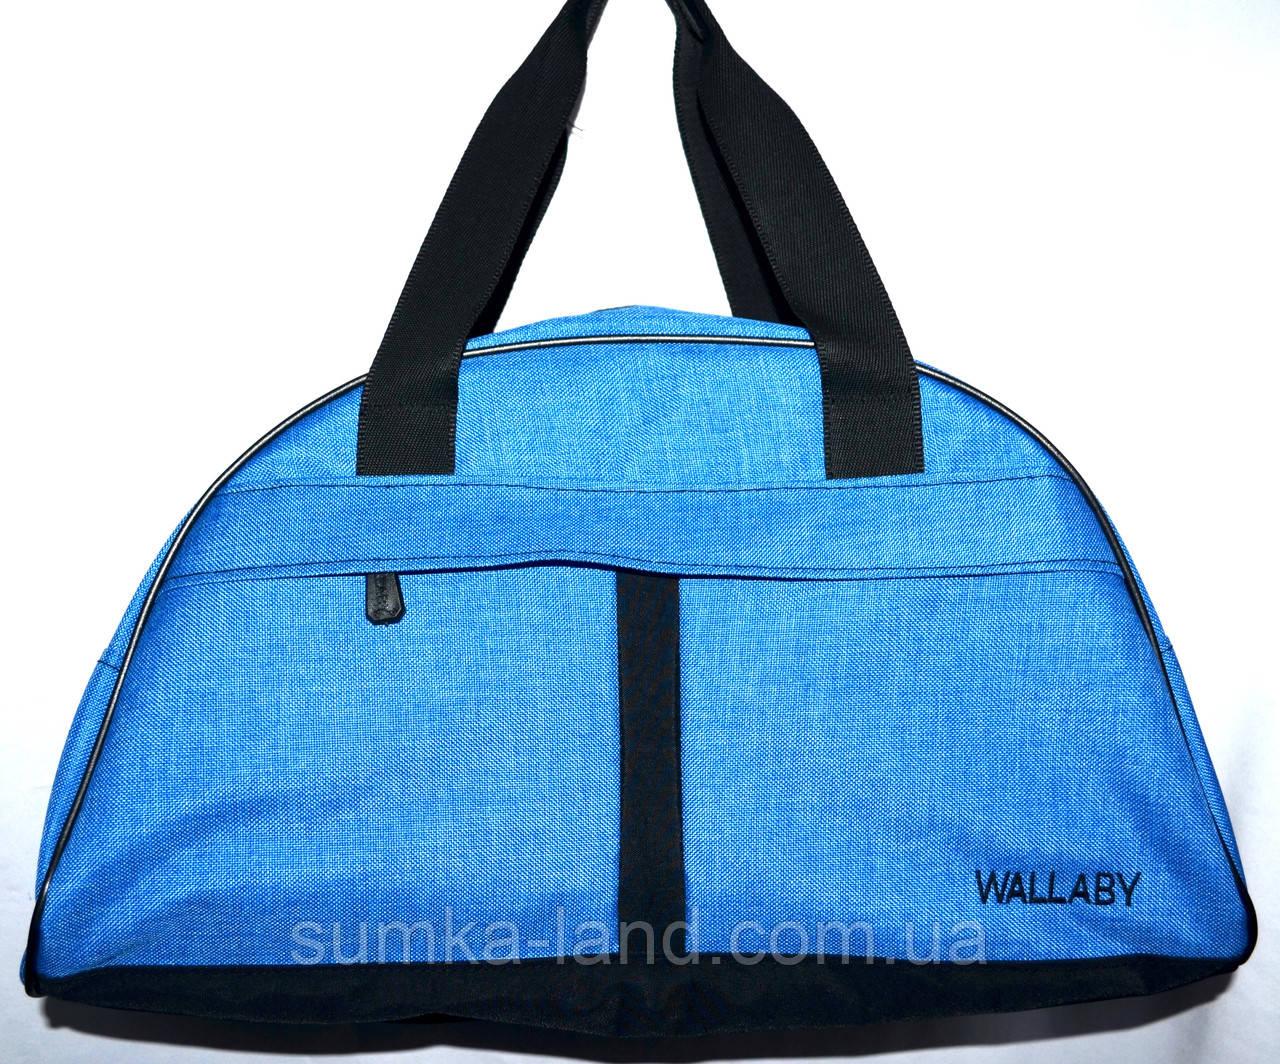 Стильная дорожно-повседневная сумка-саквояж Wallaby 44*24 см ярко-синяя